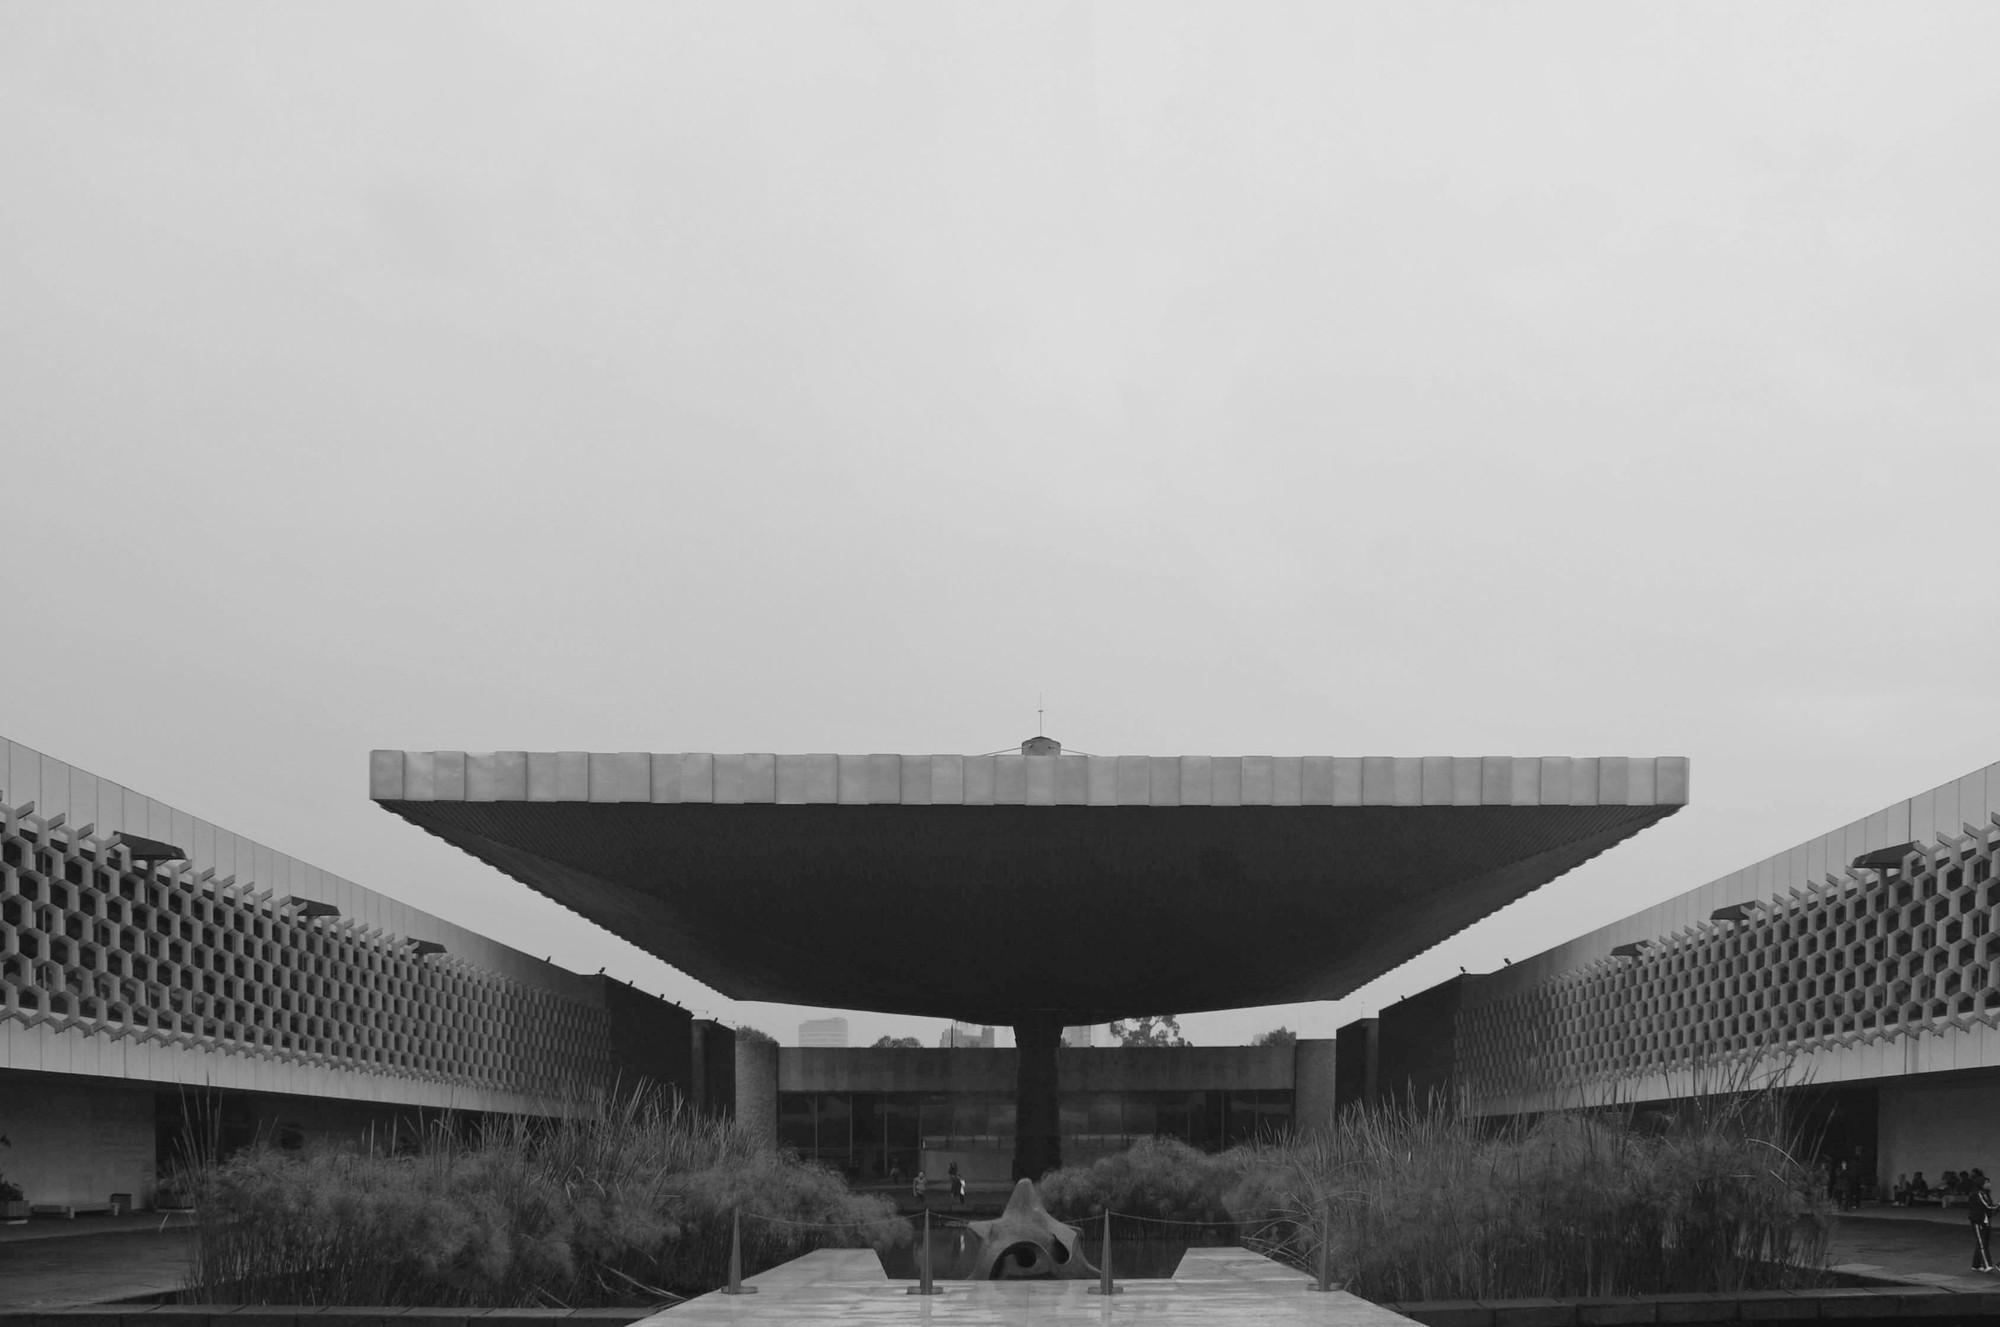 Clásicos de Arquitectura: Museo de Antropología / Pedro Ramirez Vázquez + Rafael Mijares + Jorge Campuzano